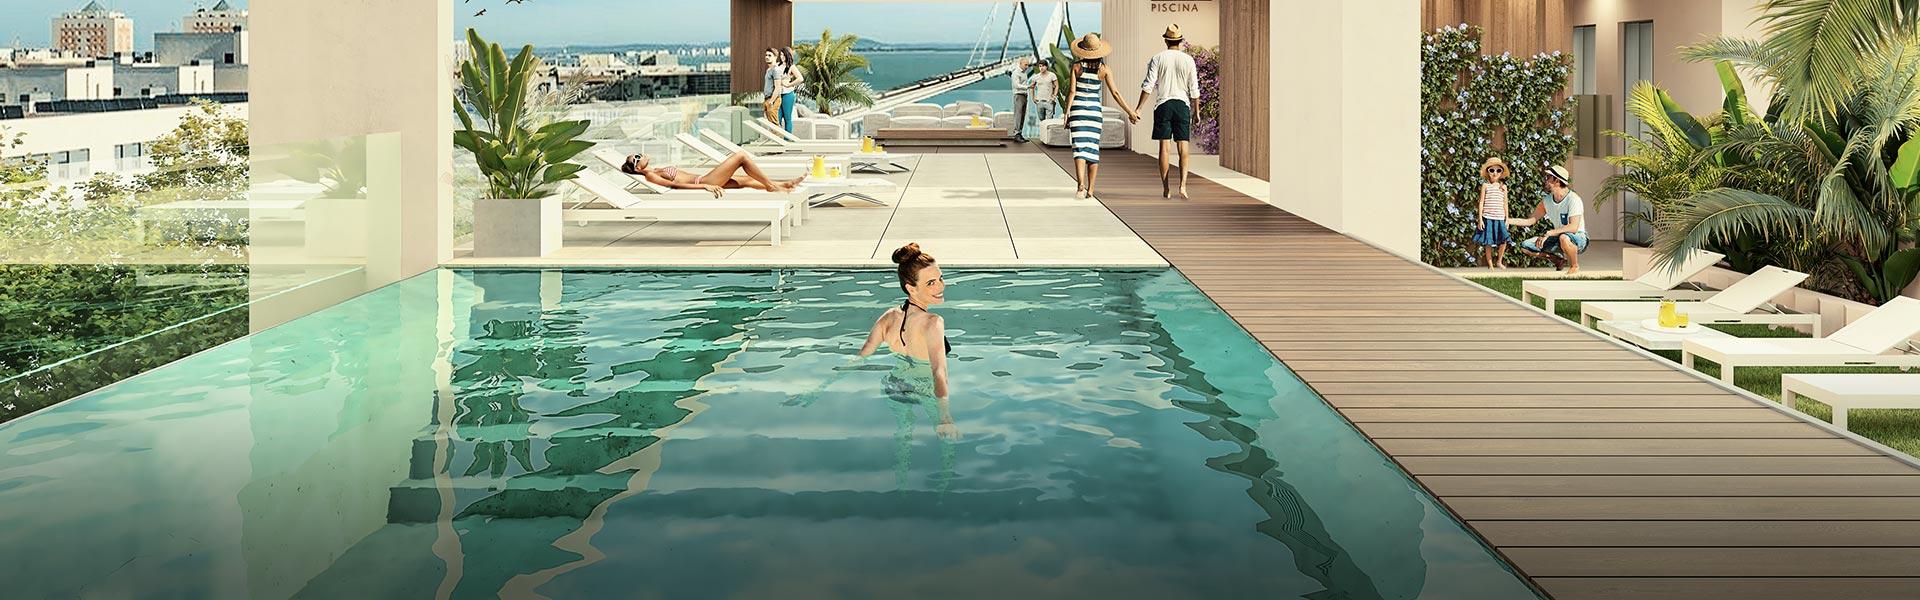 Viviendas con piscina comunitaria en Cádiz